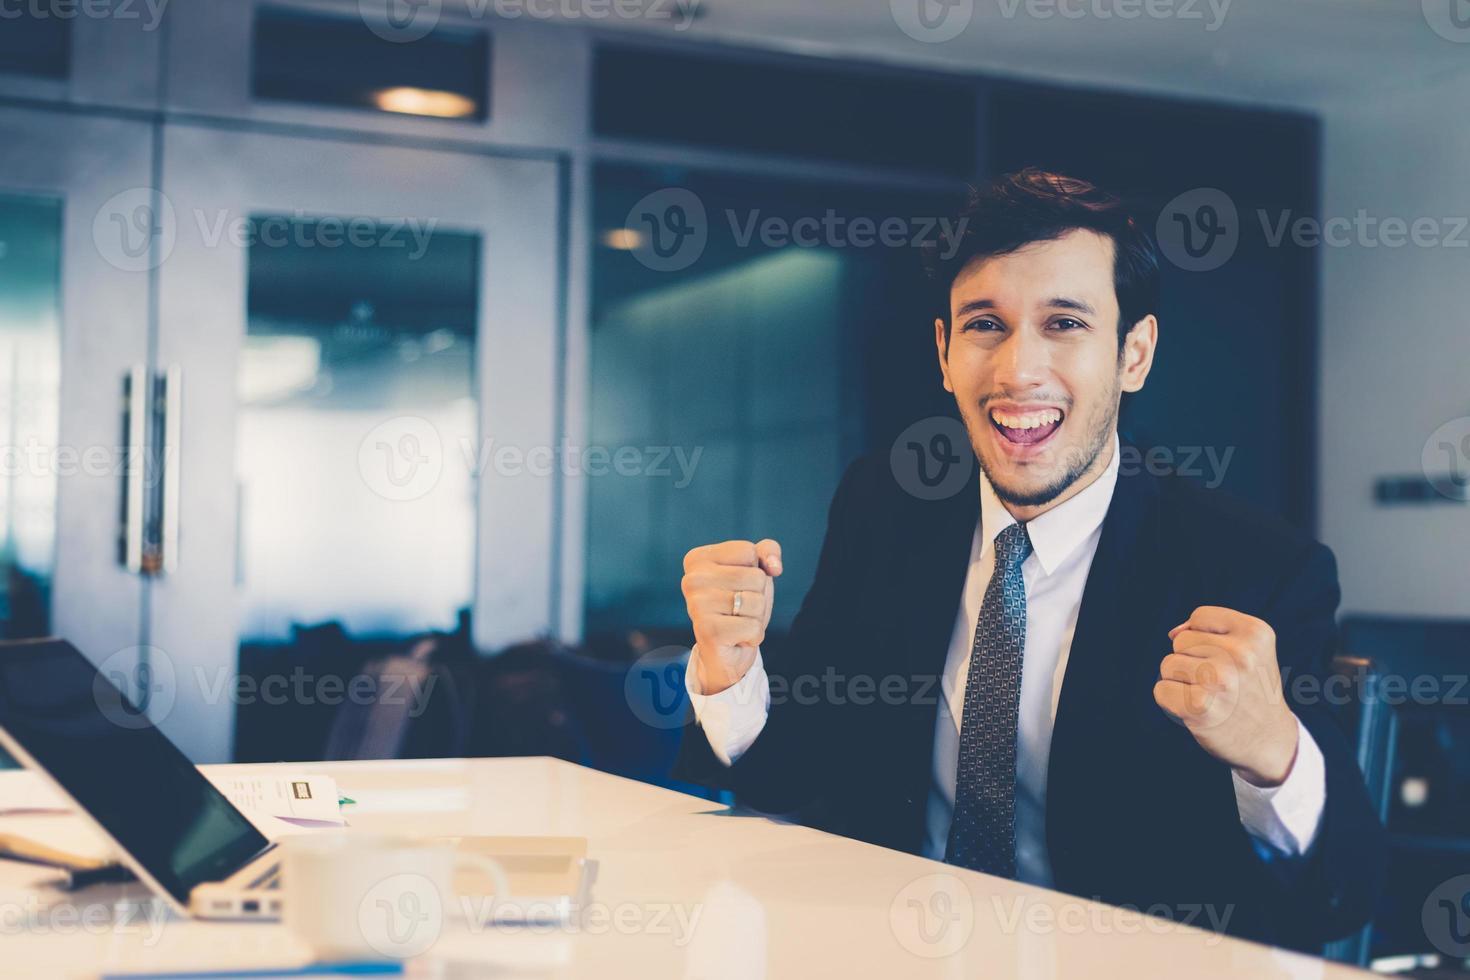 sucesso e conceito vencedor de empresários asiáticos - equipe feliz com as mãos levantadas celebrando o avanço e as conquistas foto